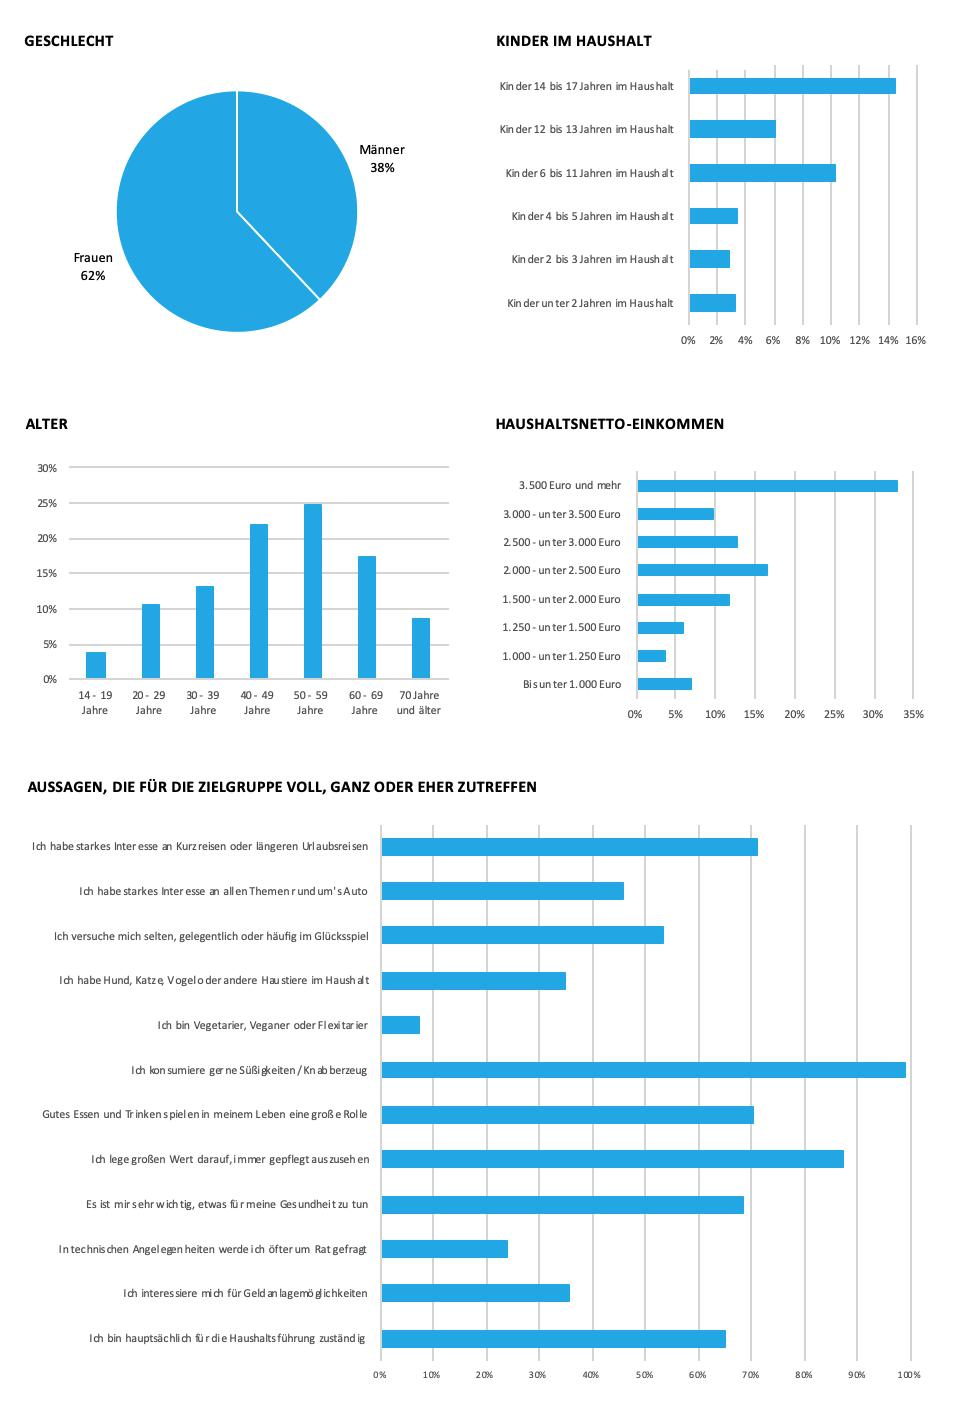 Soziodemografischen Daten zu BAUR